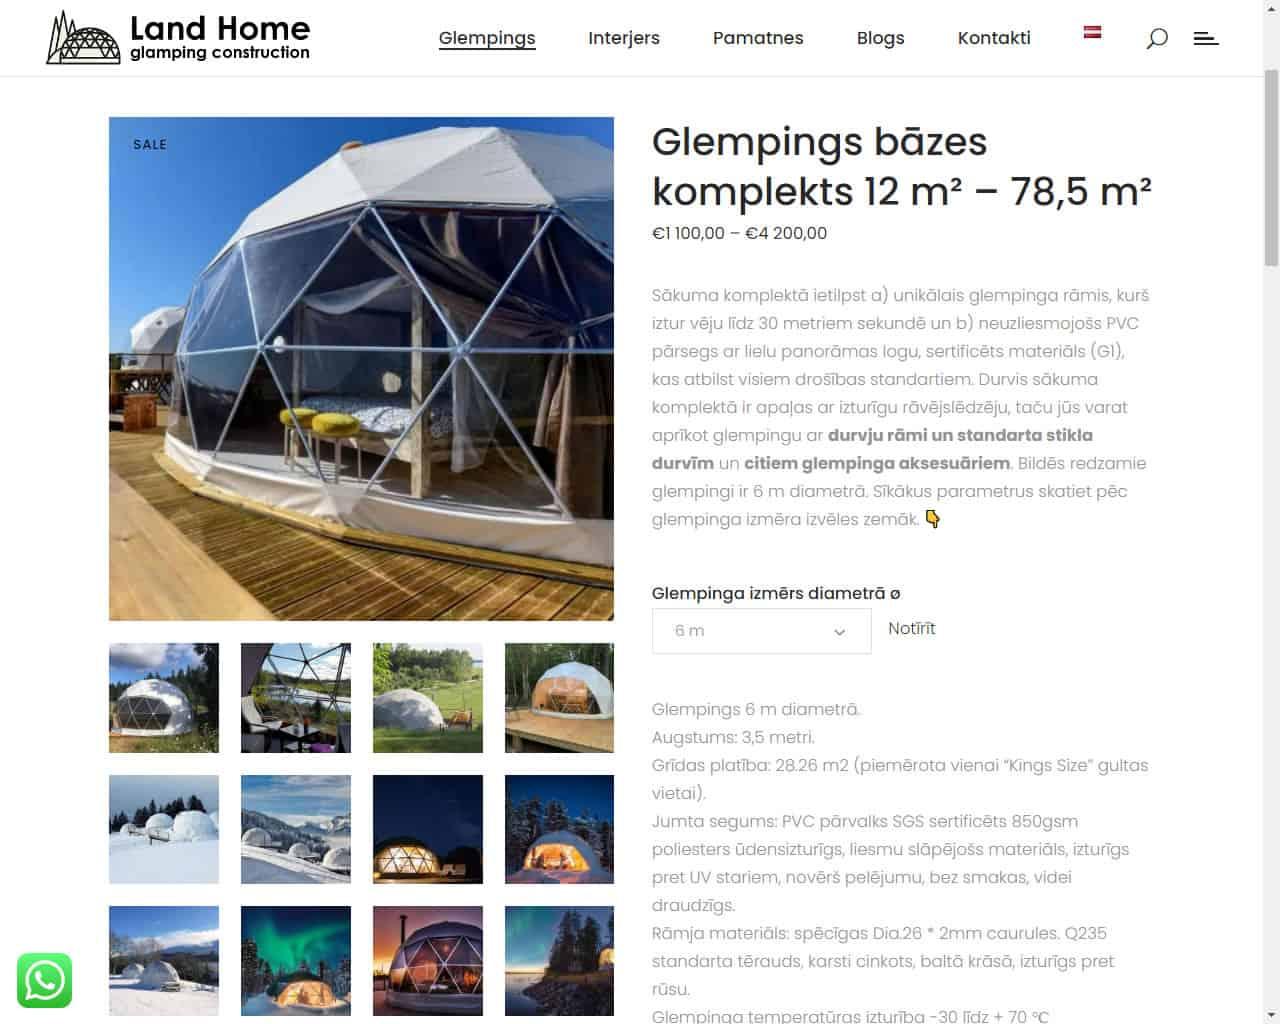 https://dokumenti24.lv/project/landhome-eu/